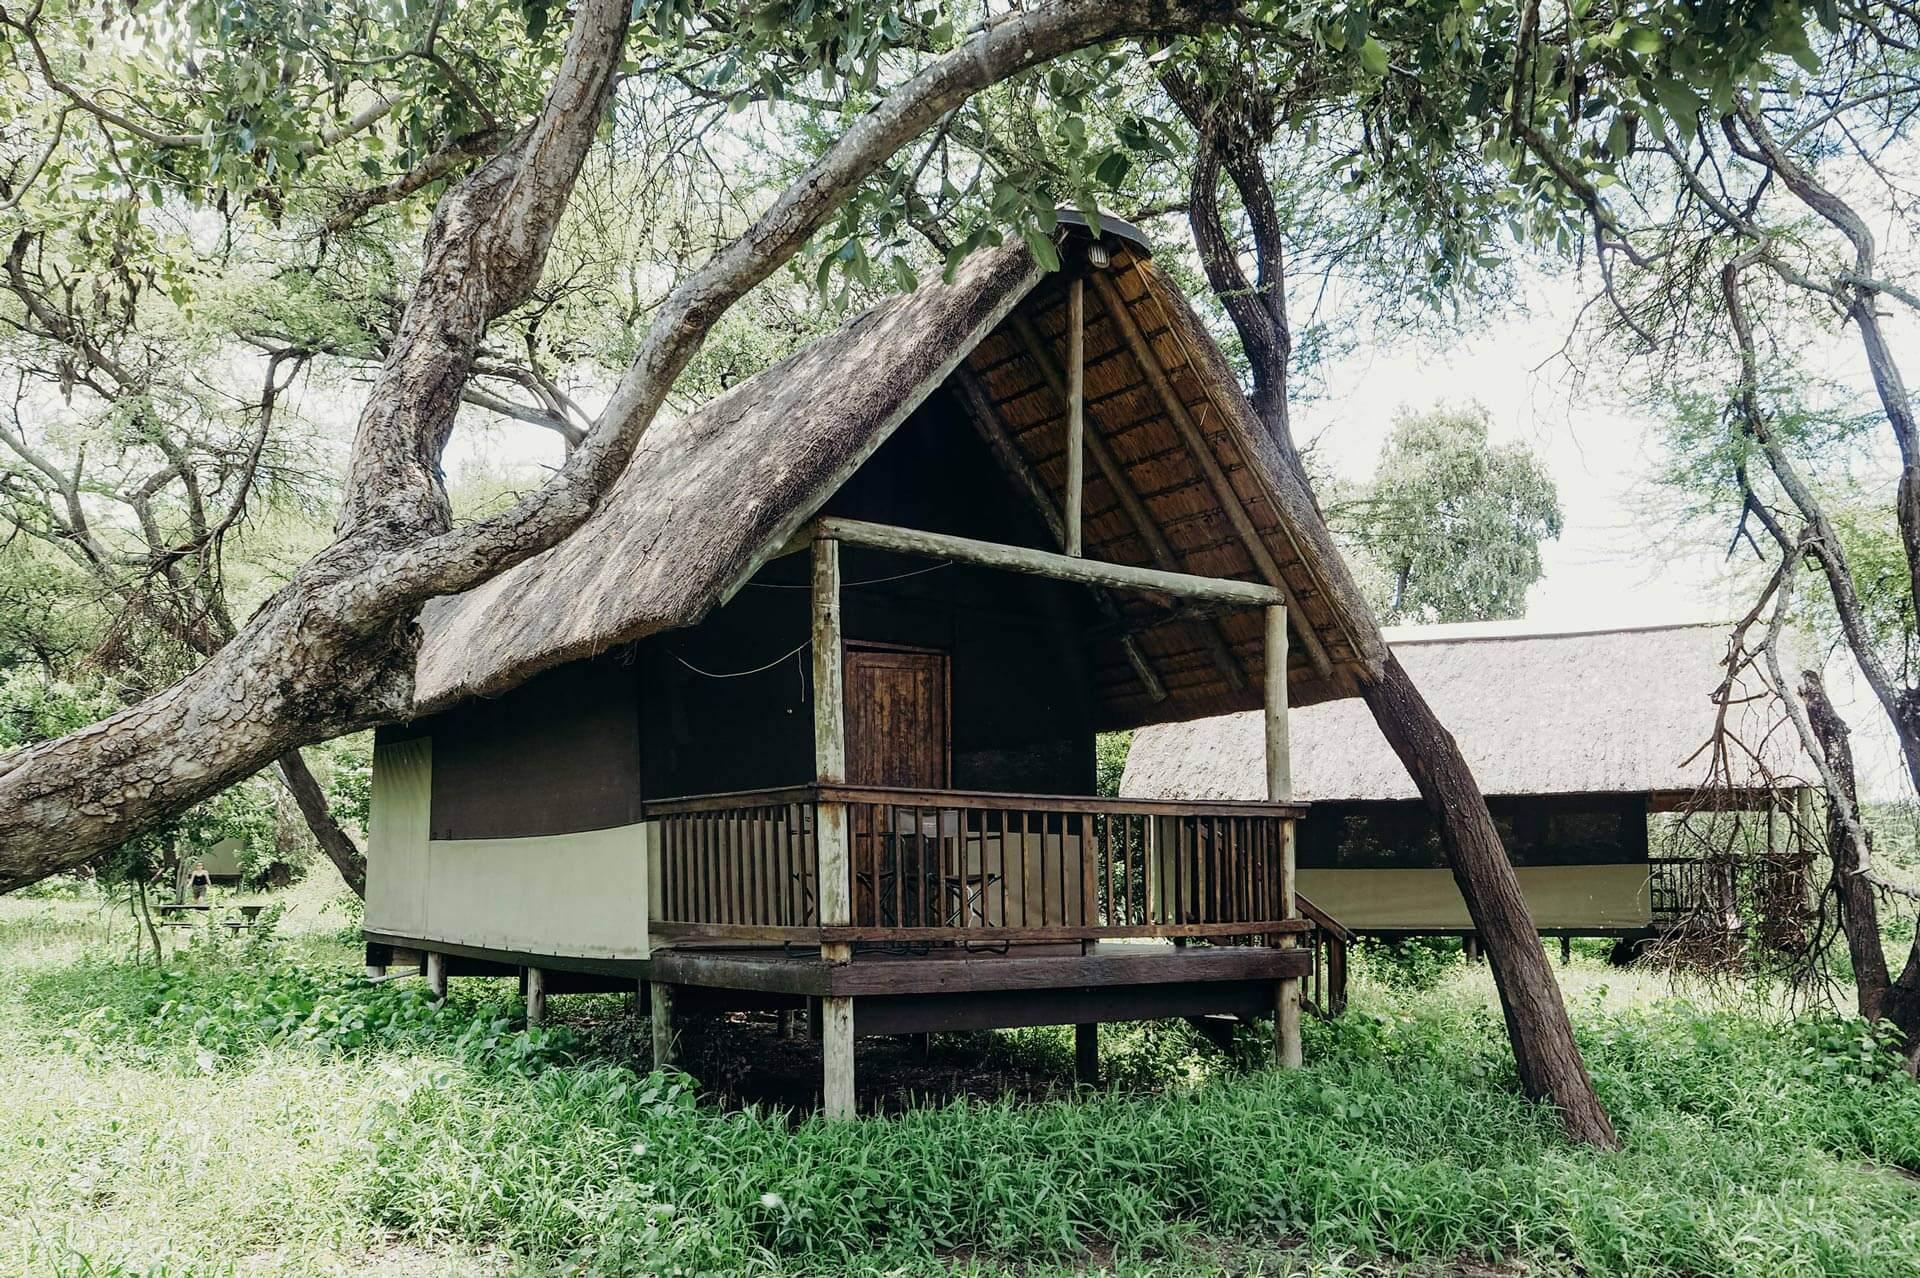 Hut in camp